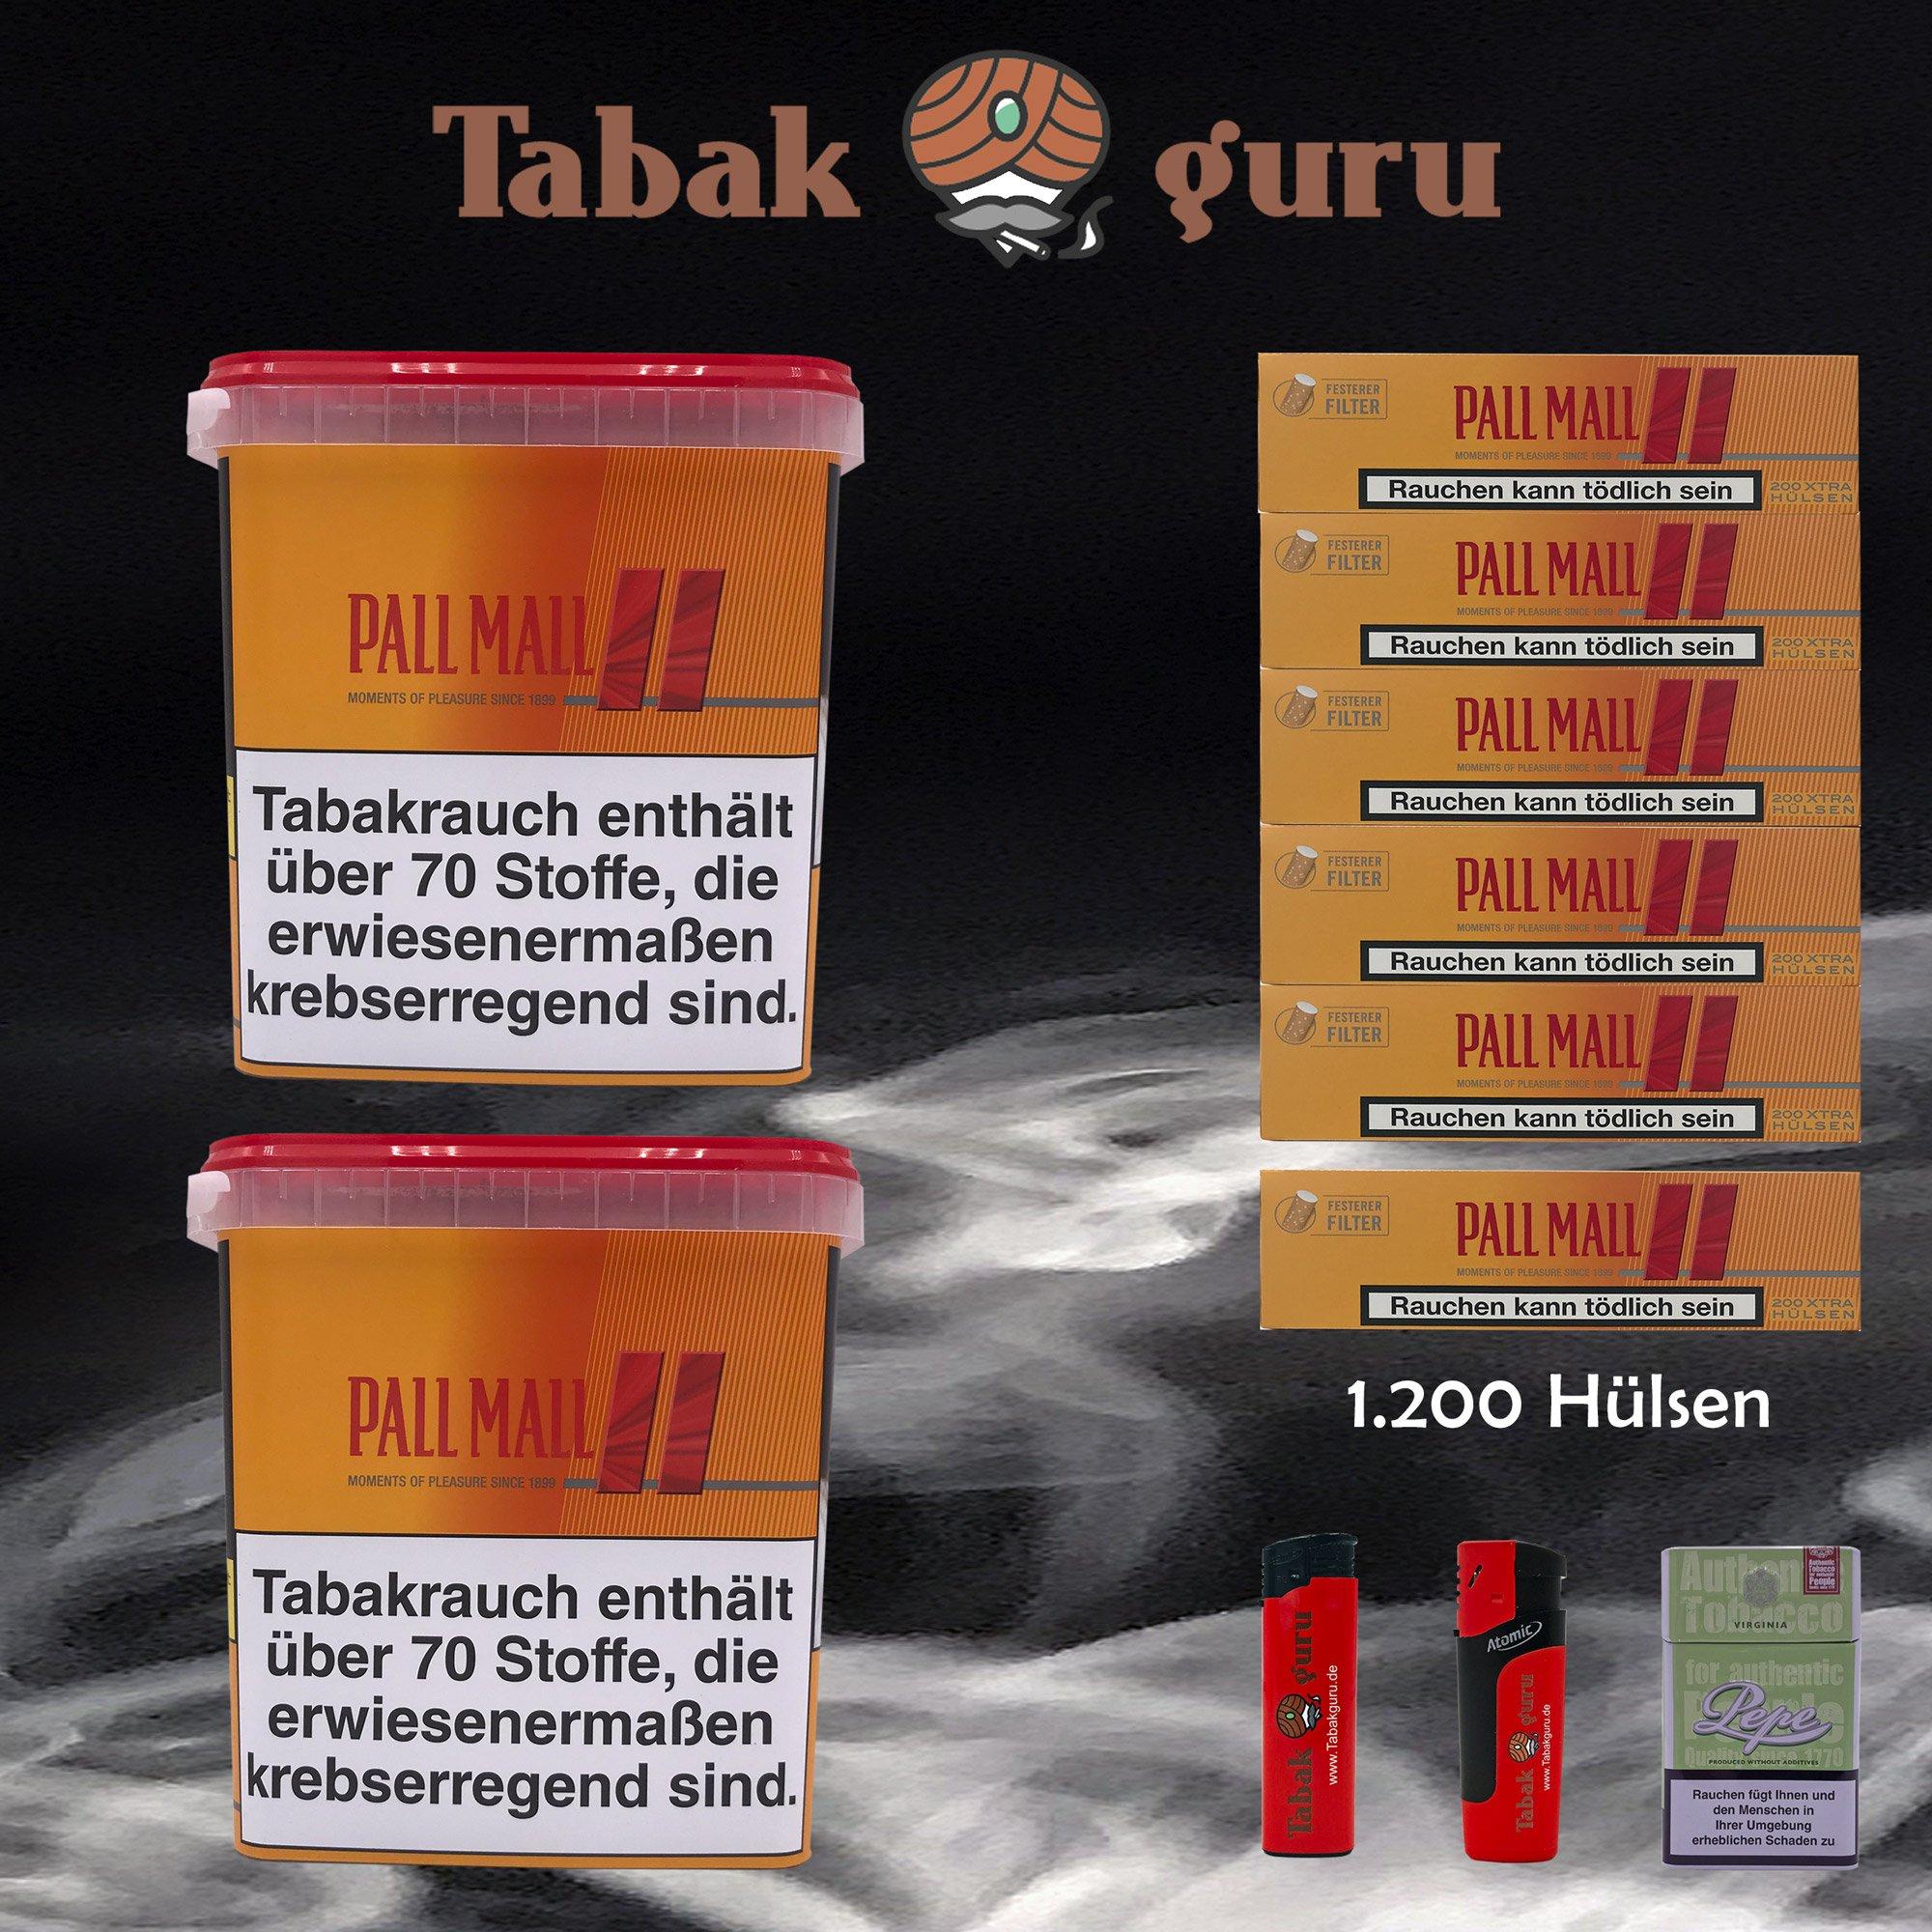 2 x Pall Mall Allround Giga Box à 280g Tabak + 1200 Pall Mall Xtra Hülsen + Zubehör